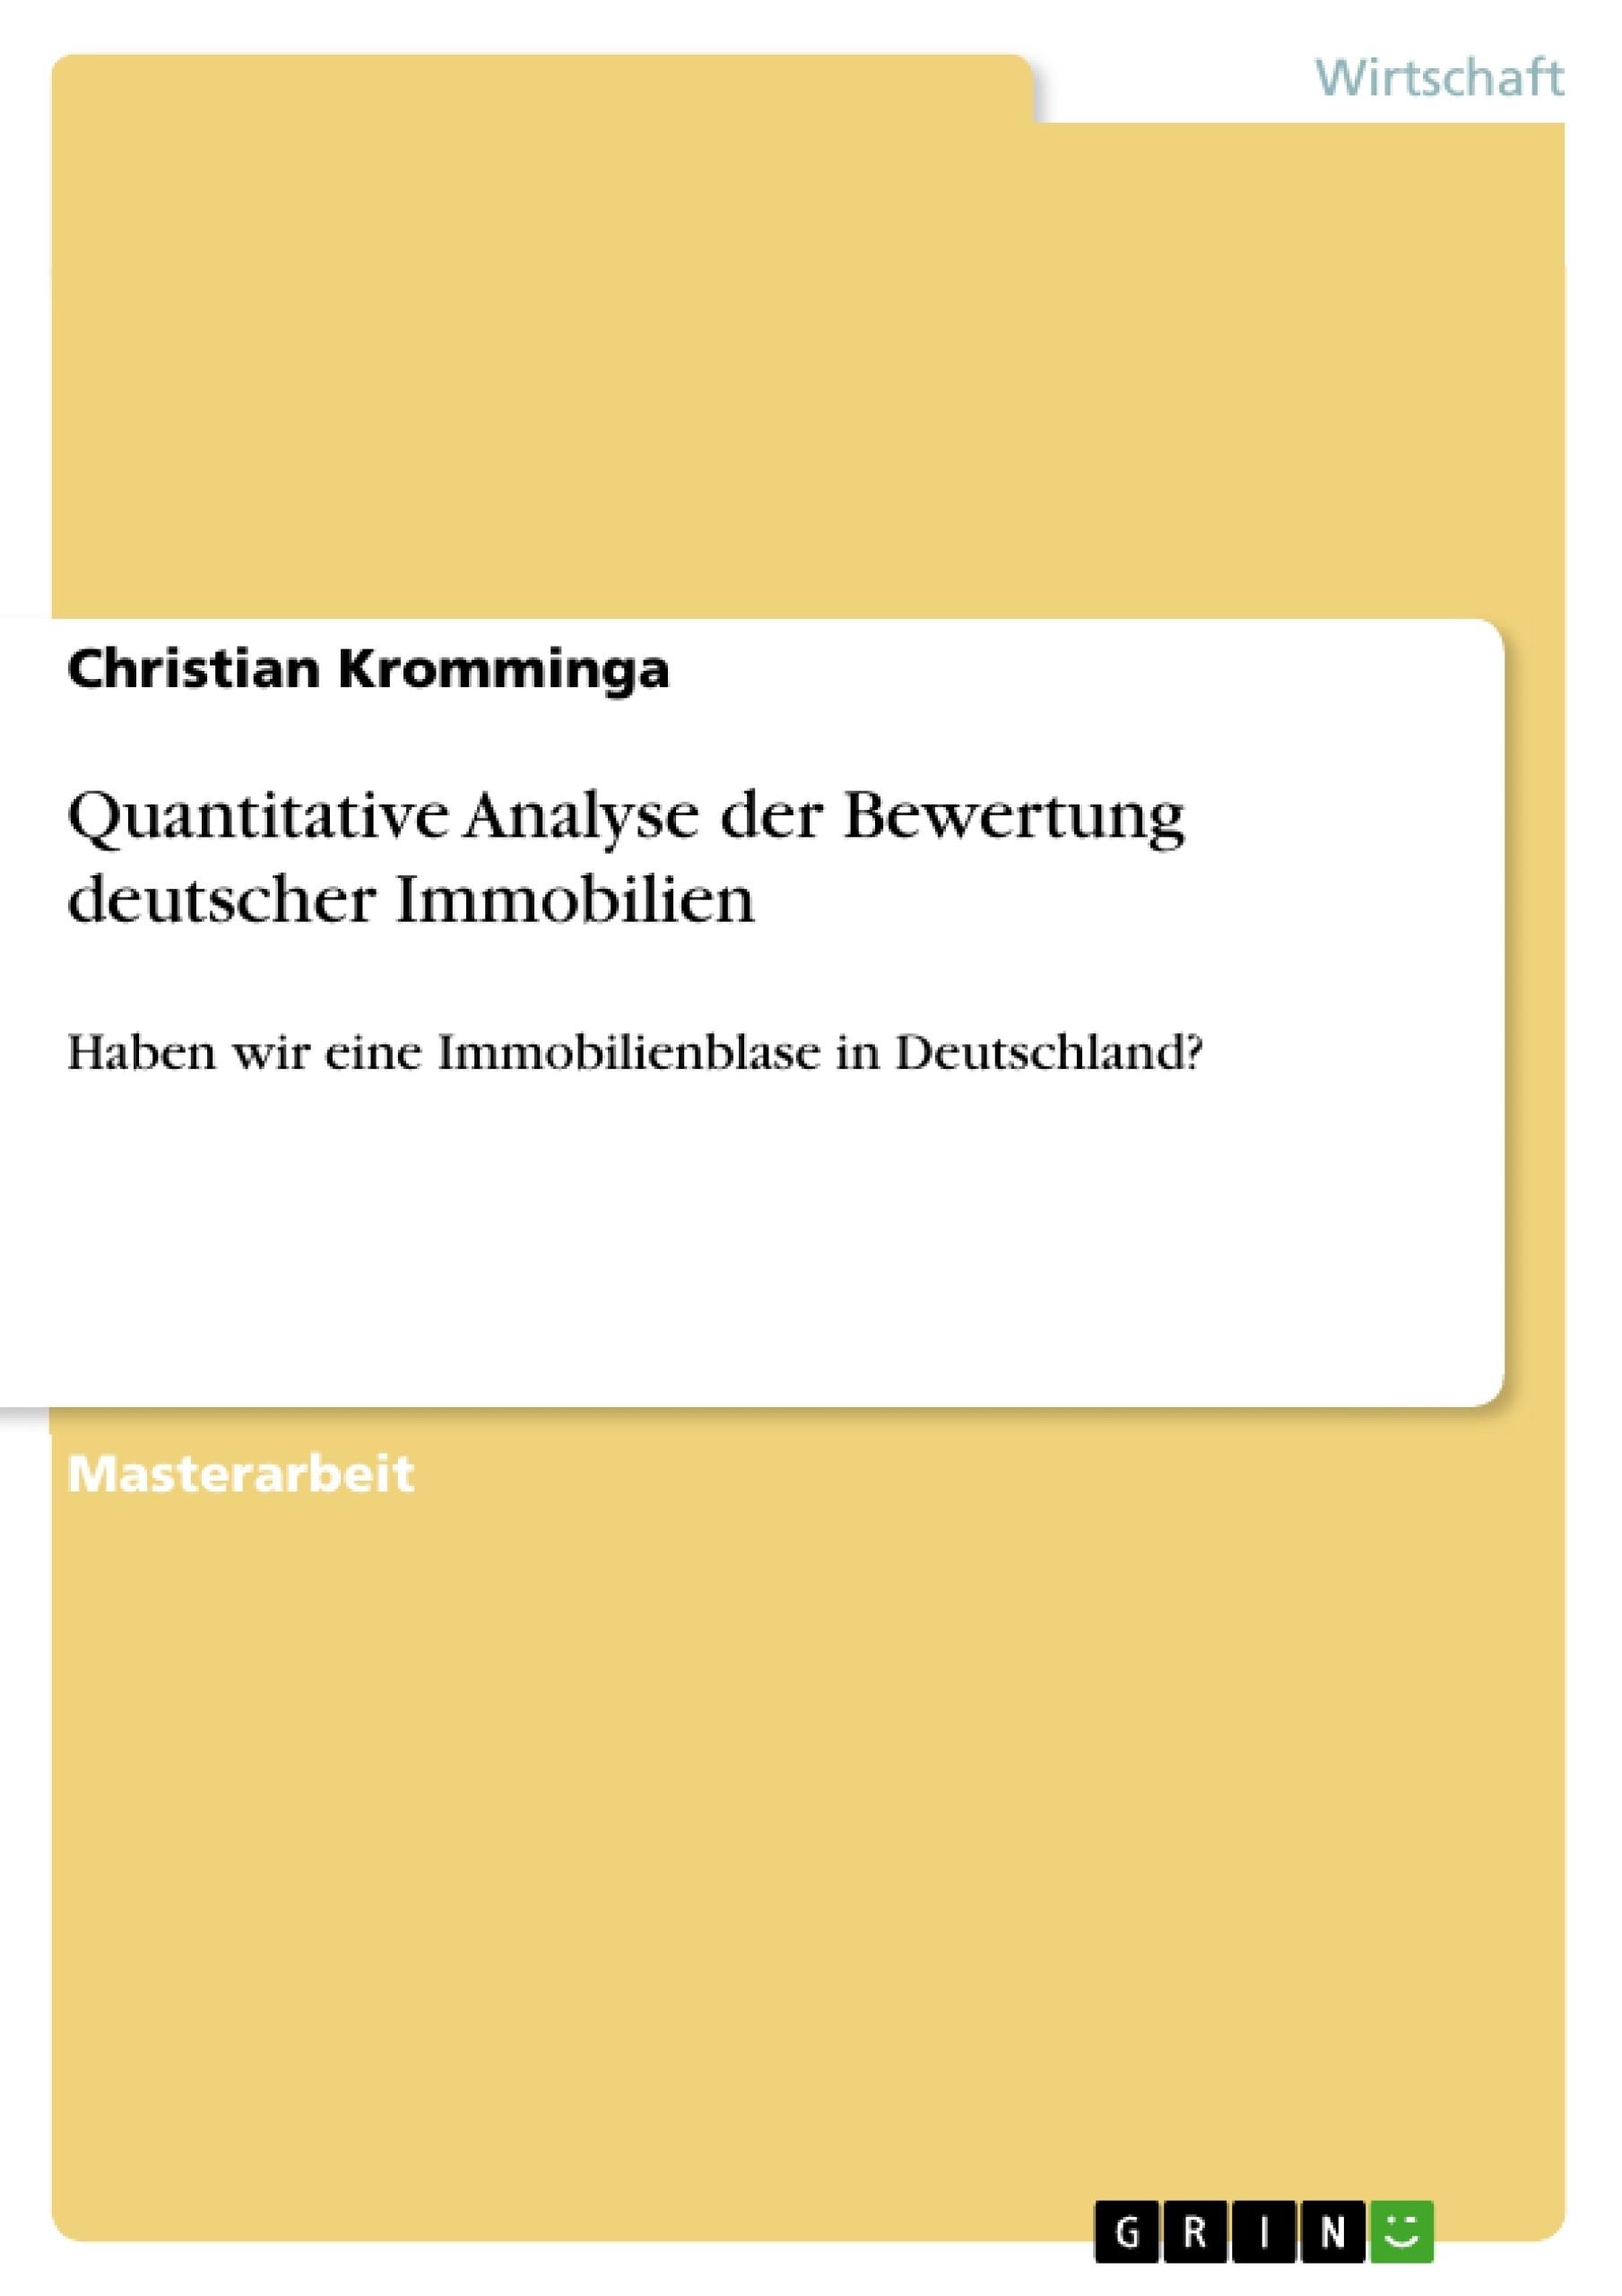 Titel: Quantitative Analyse der Bewertung deutscher Immobilien